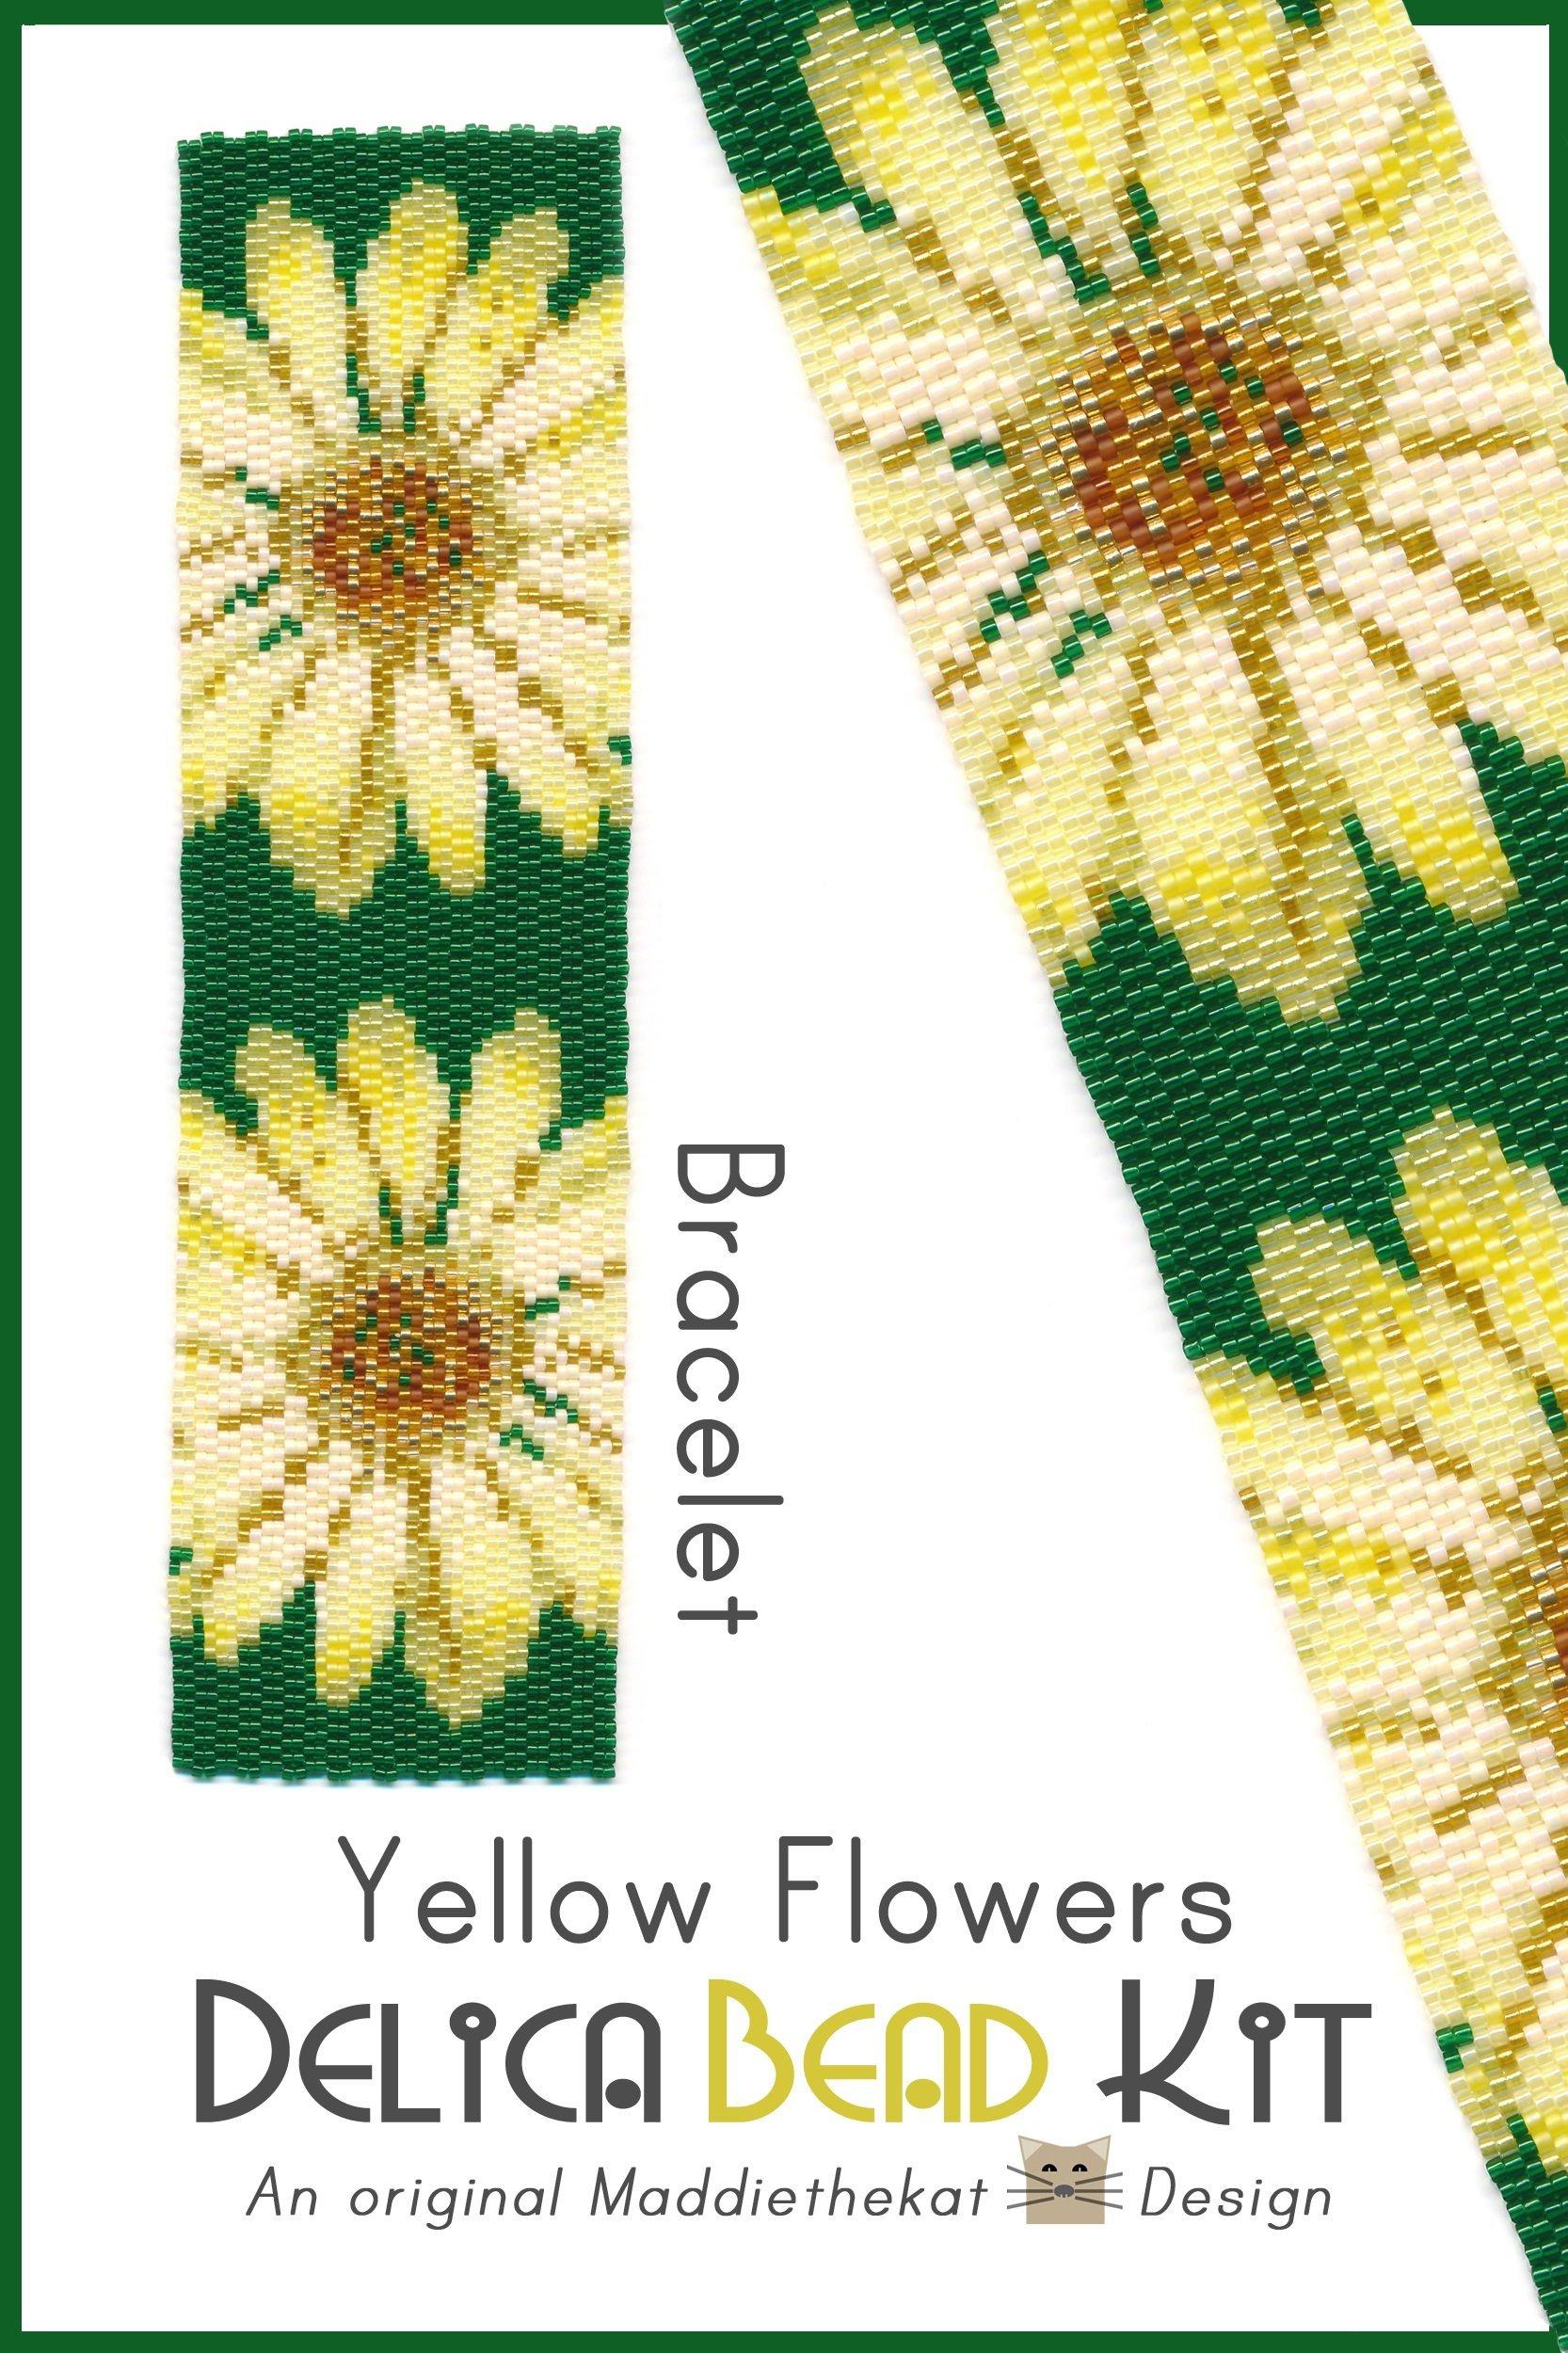 Yellow Flowers Wide Cuff Bracelet 2-Drop Peyote Bead Pattern or Bead Kit